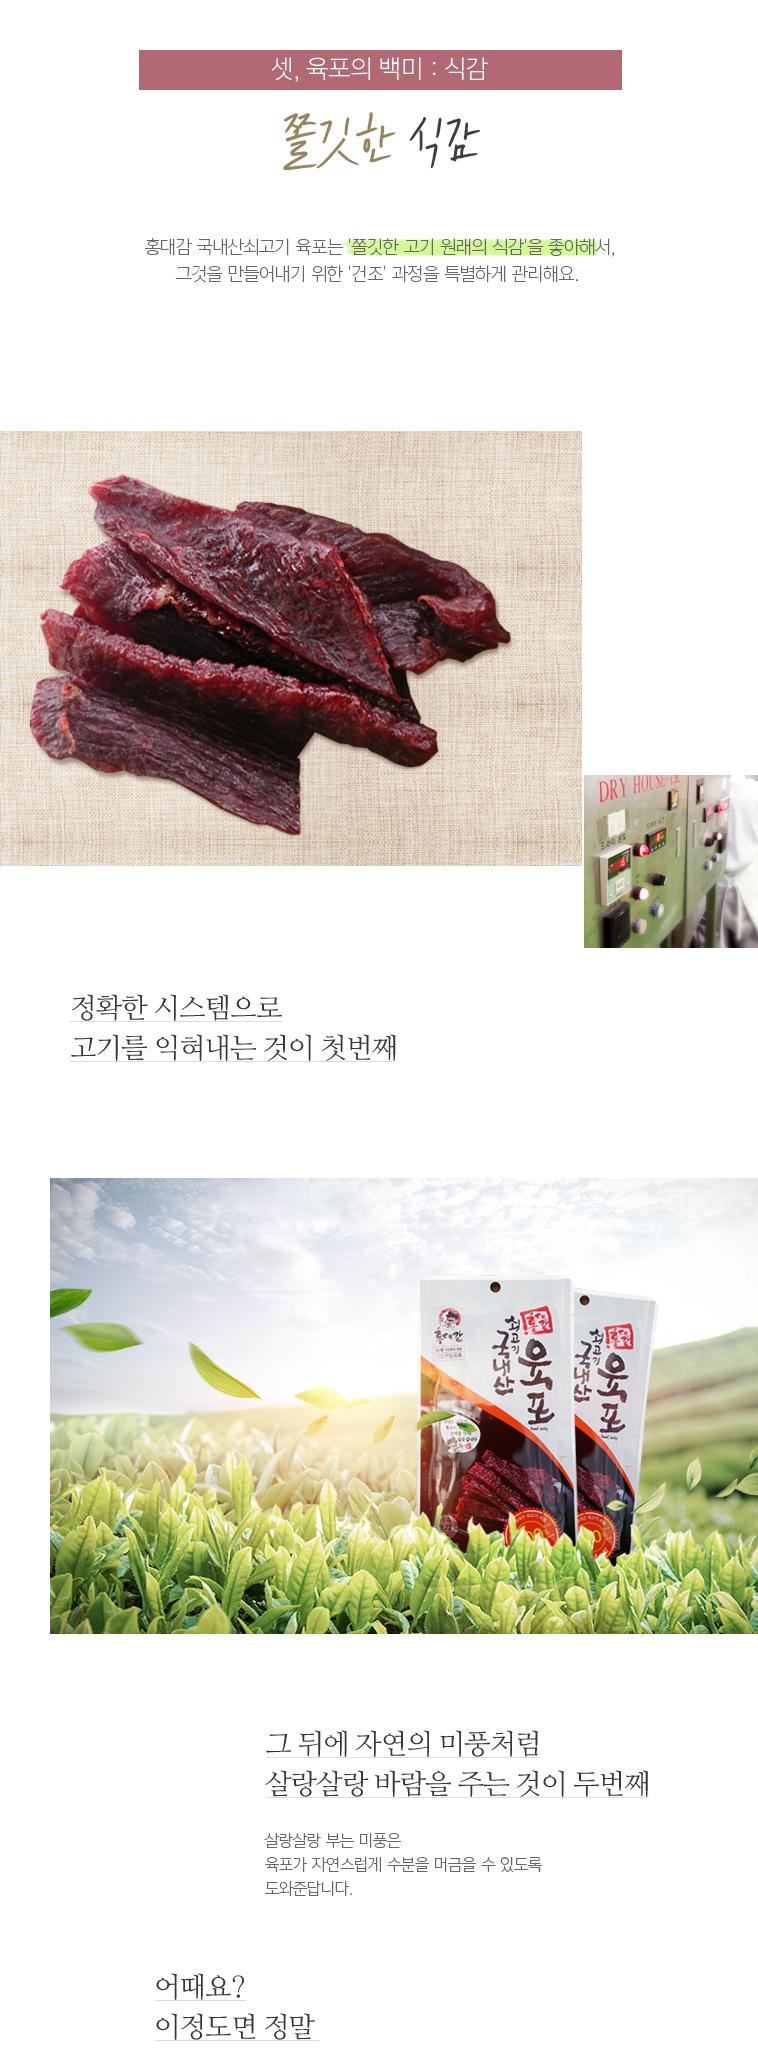 [명예의전당] 국내산 쇠고기 육포2봉 - 상세정보